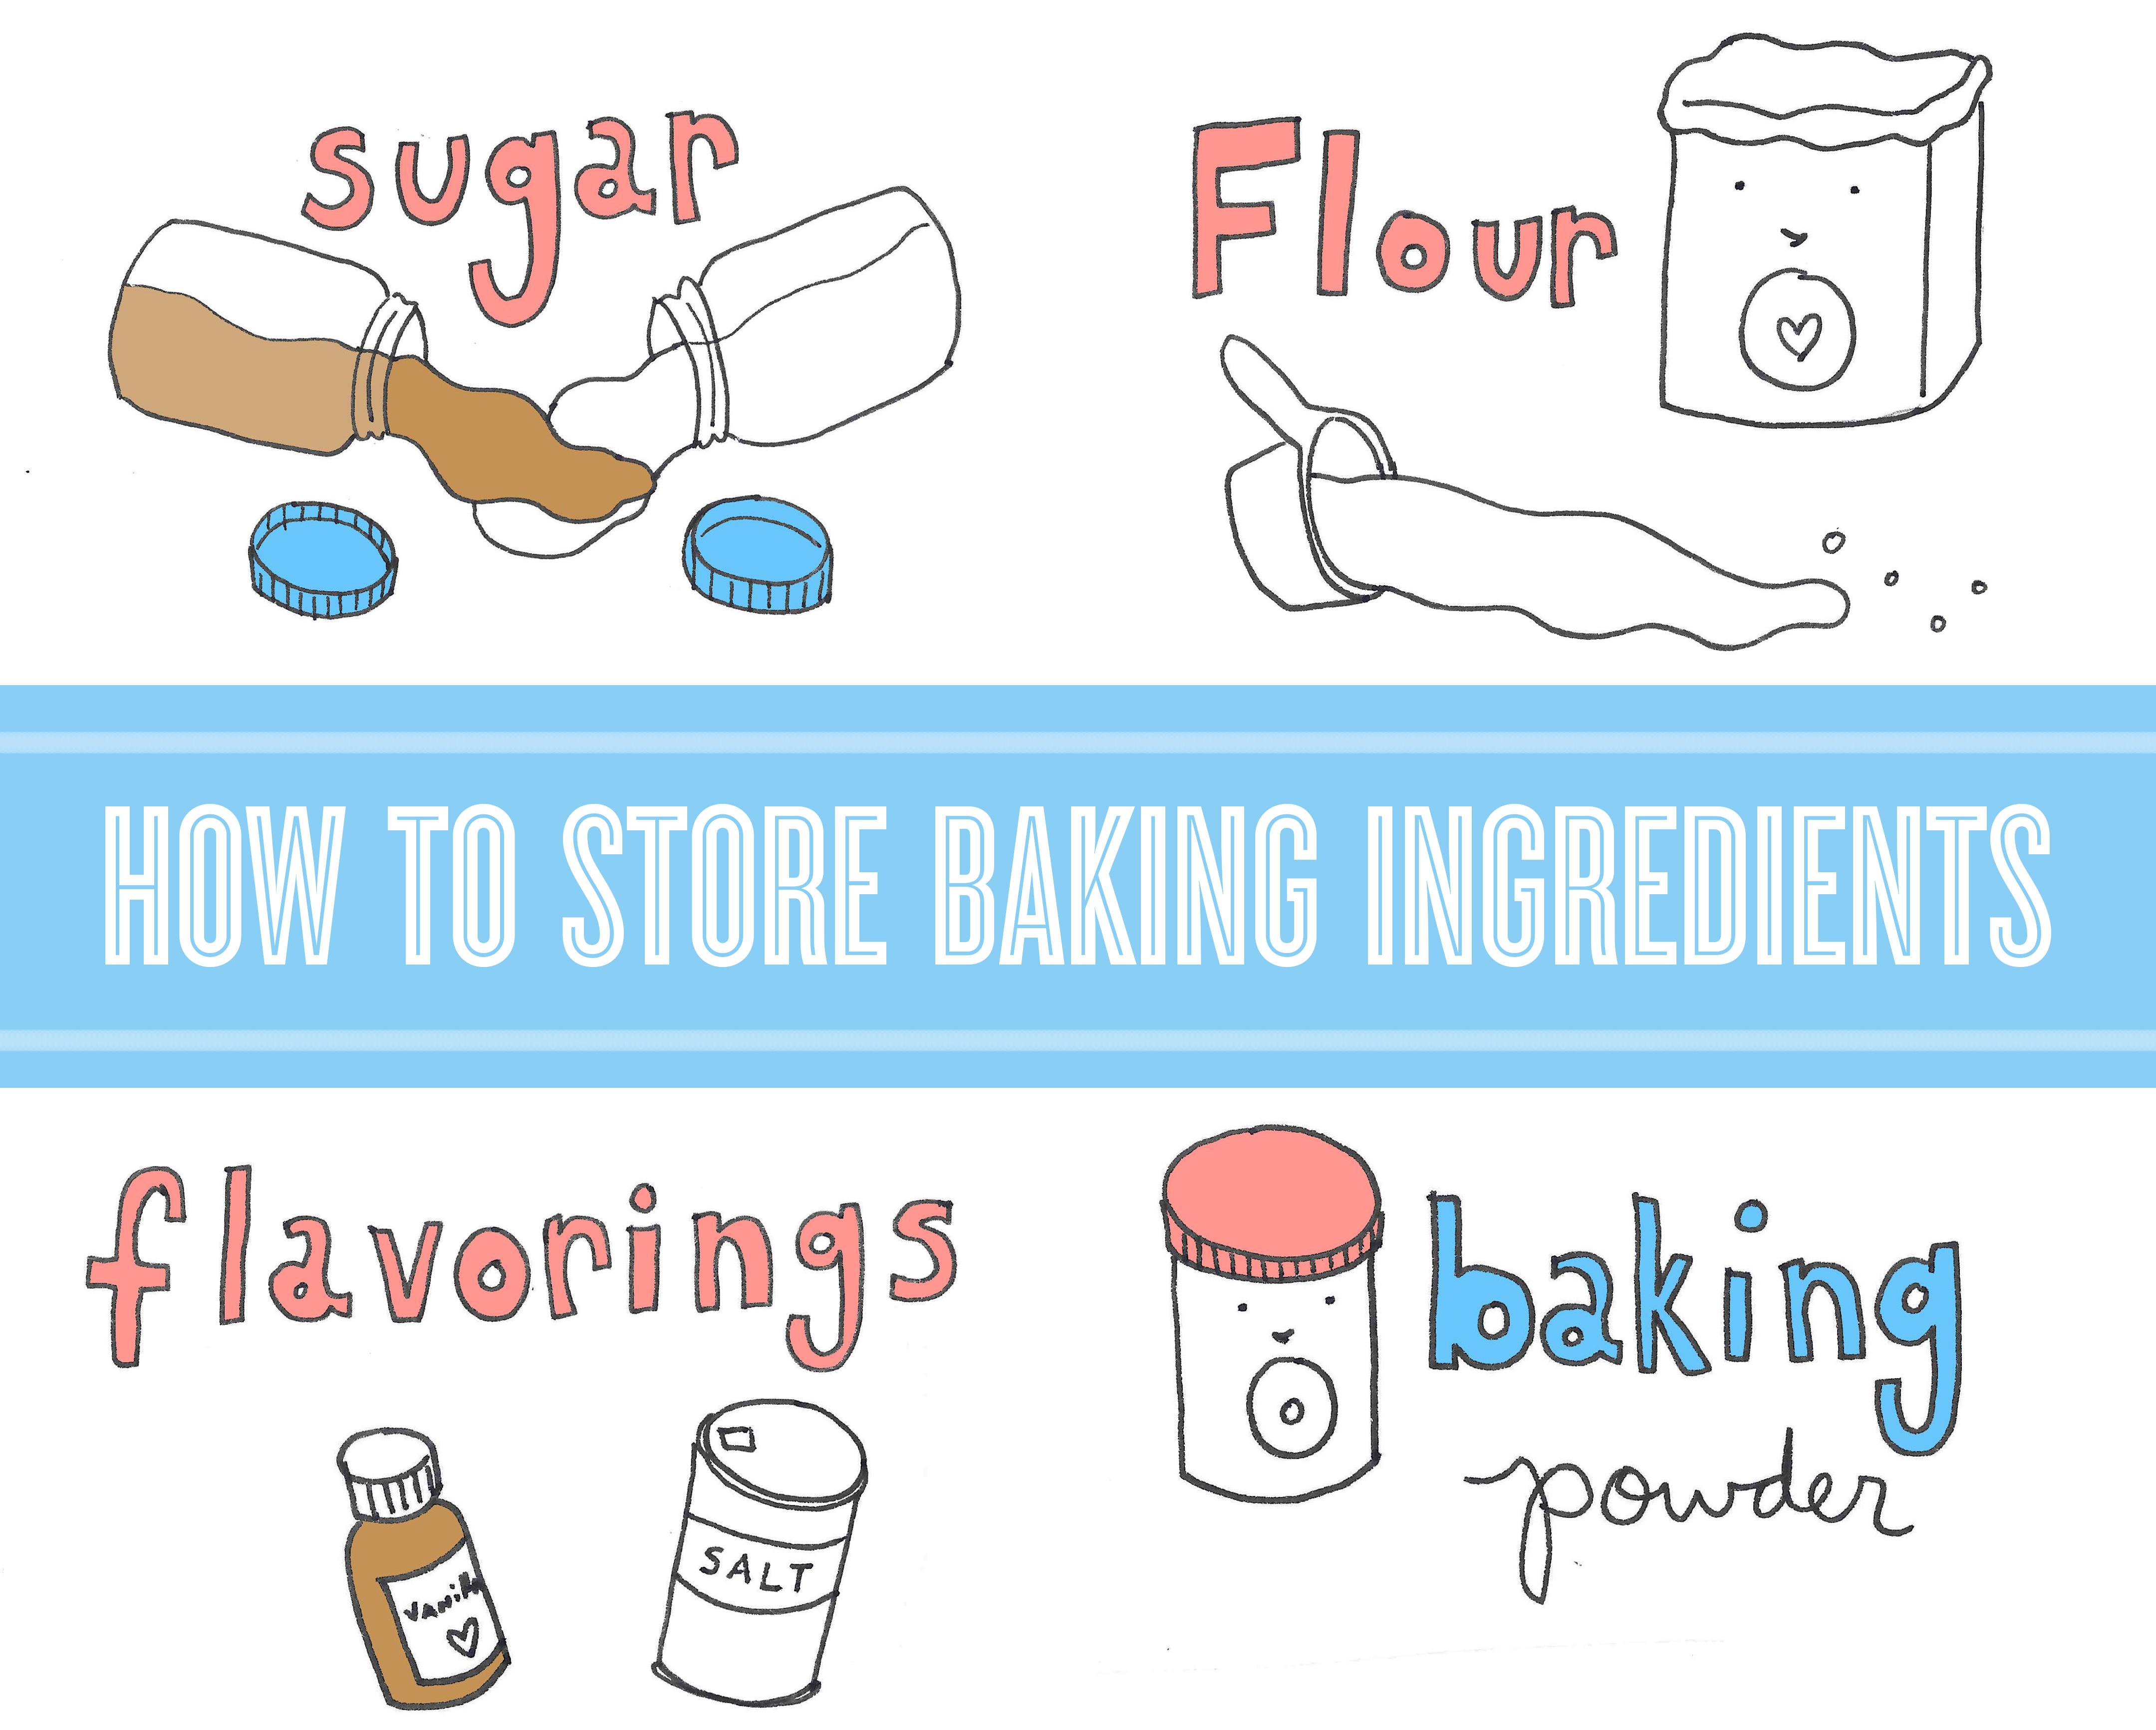 Storing baking ingredients